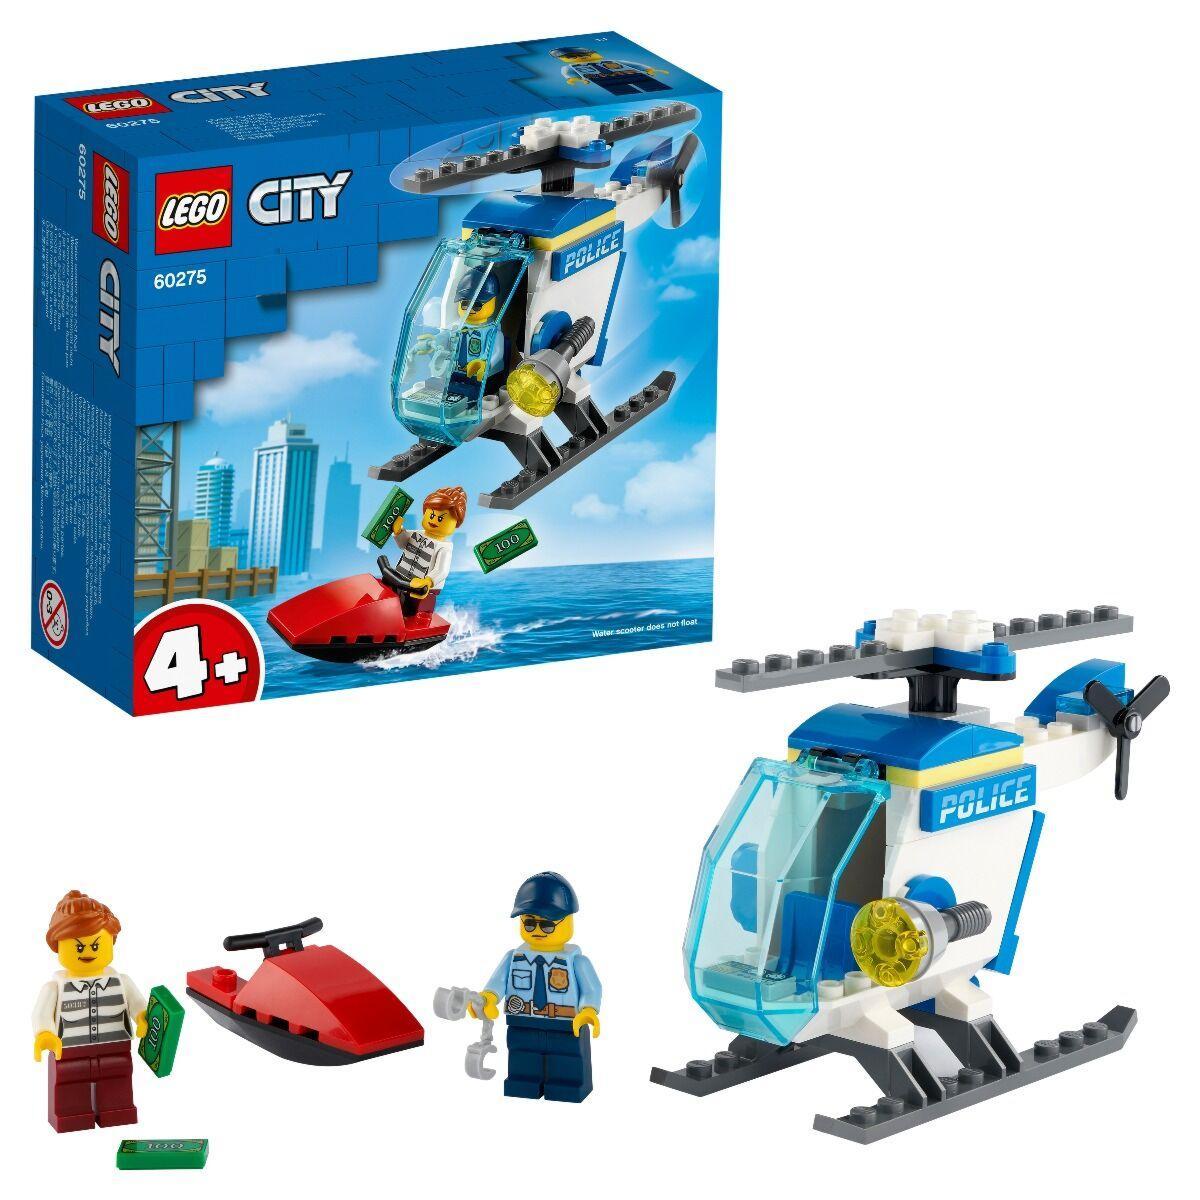 LEGO: Полицейский вертолёт CITY 60275